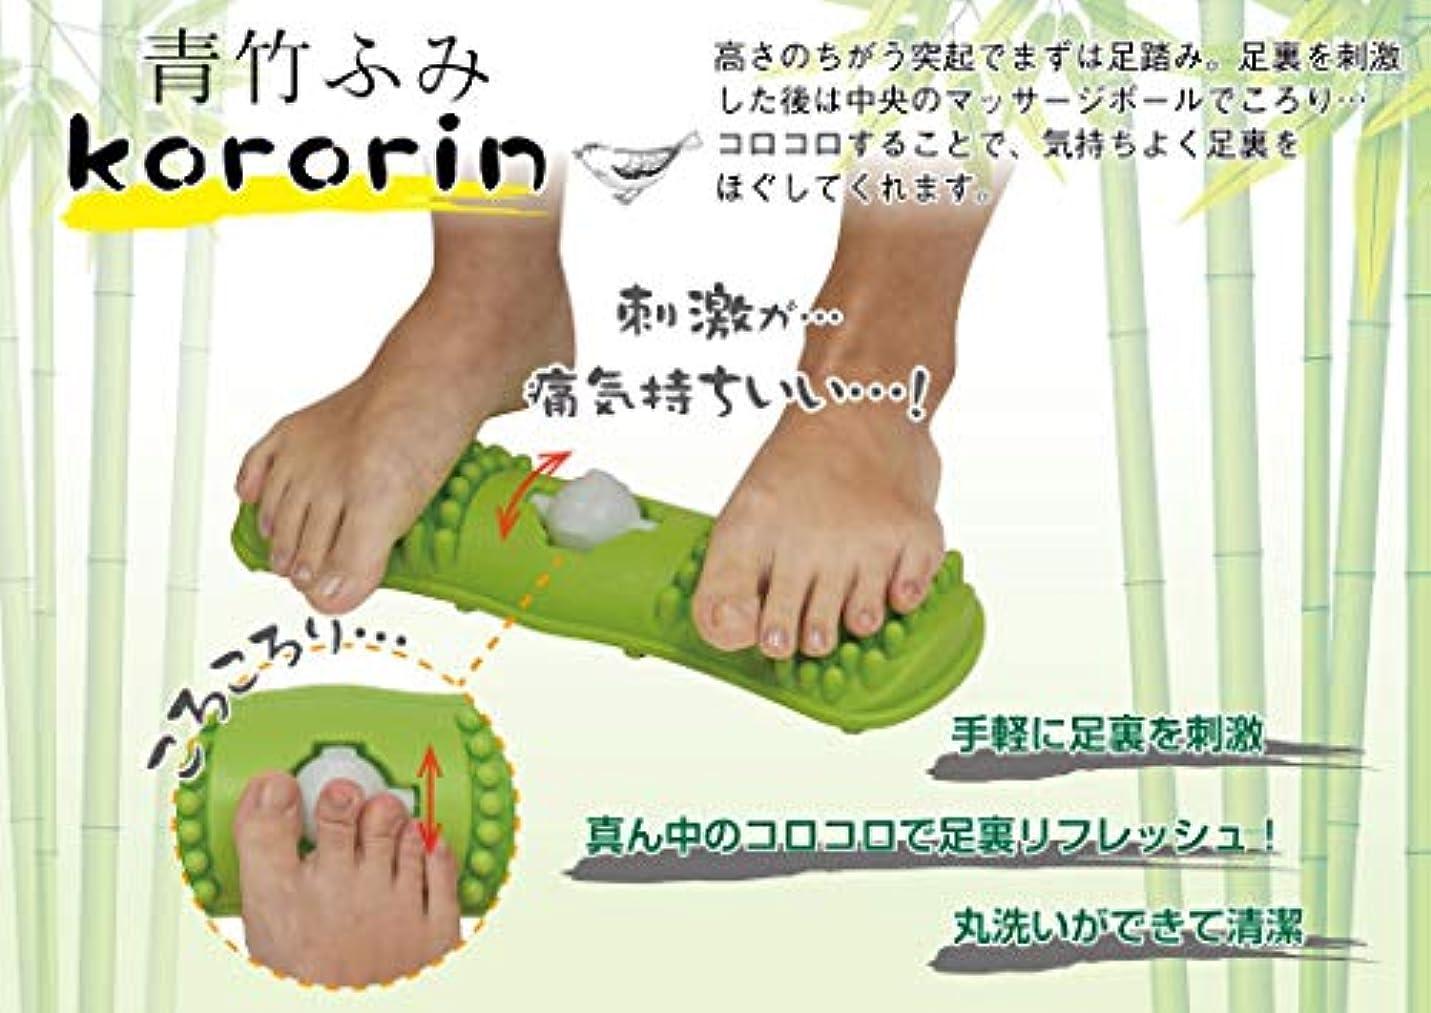 プレフィックス素晴らしさ分析するファイン ツボ押し マッサージ 緑 (約)33×11.5×5cm 青竹踏み kororin FIN-886